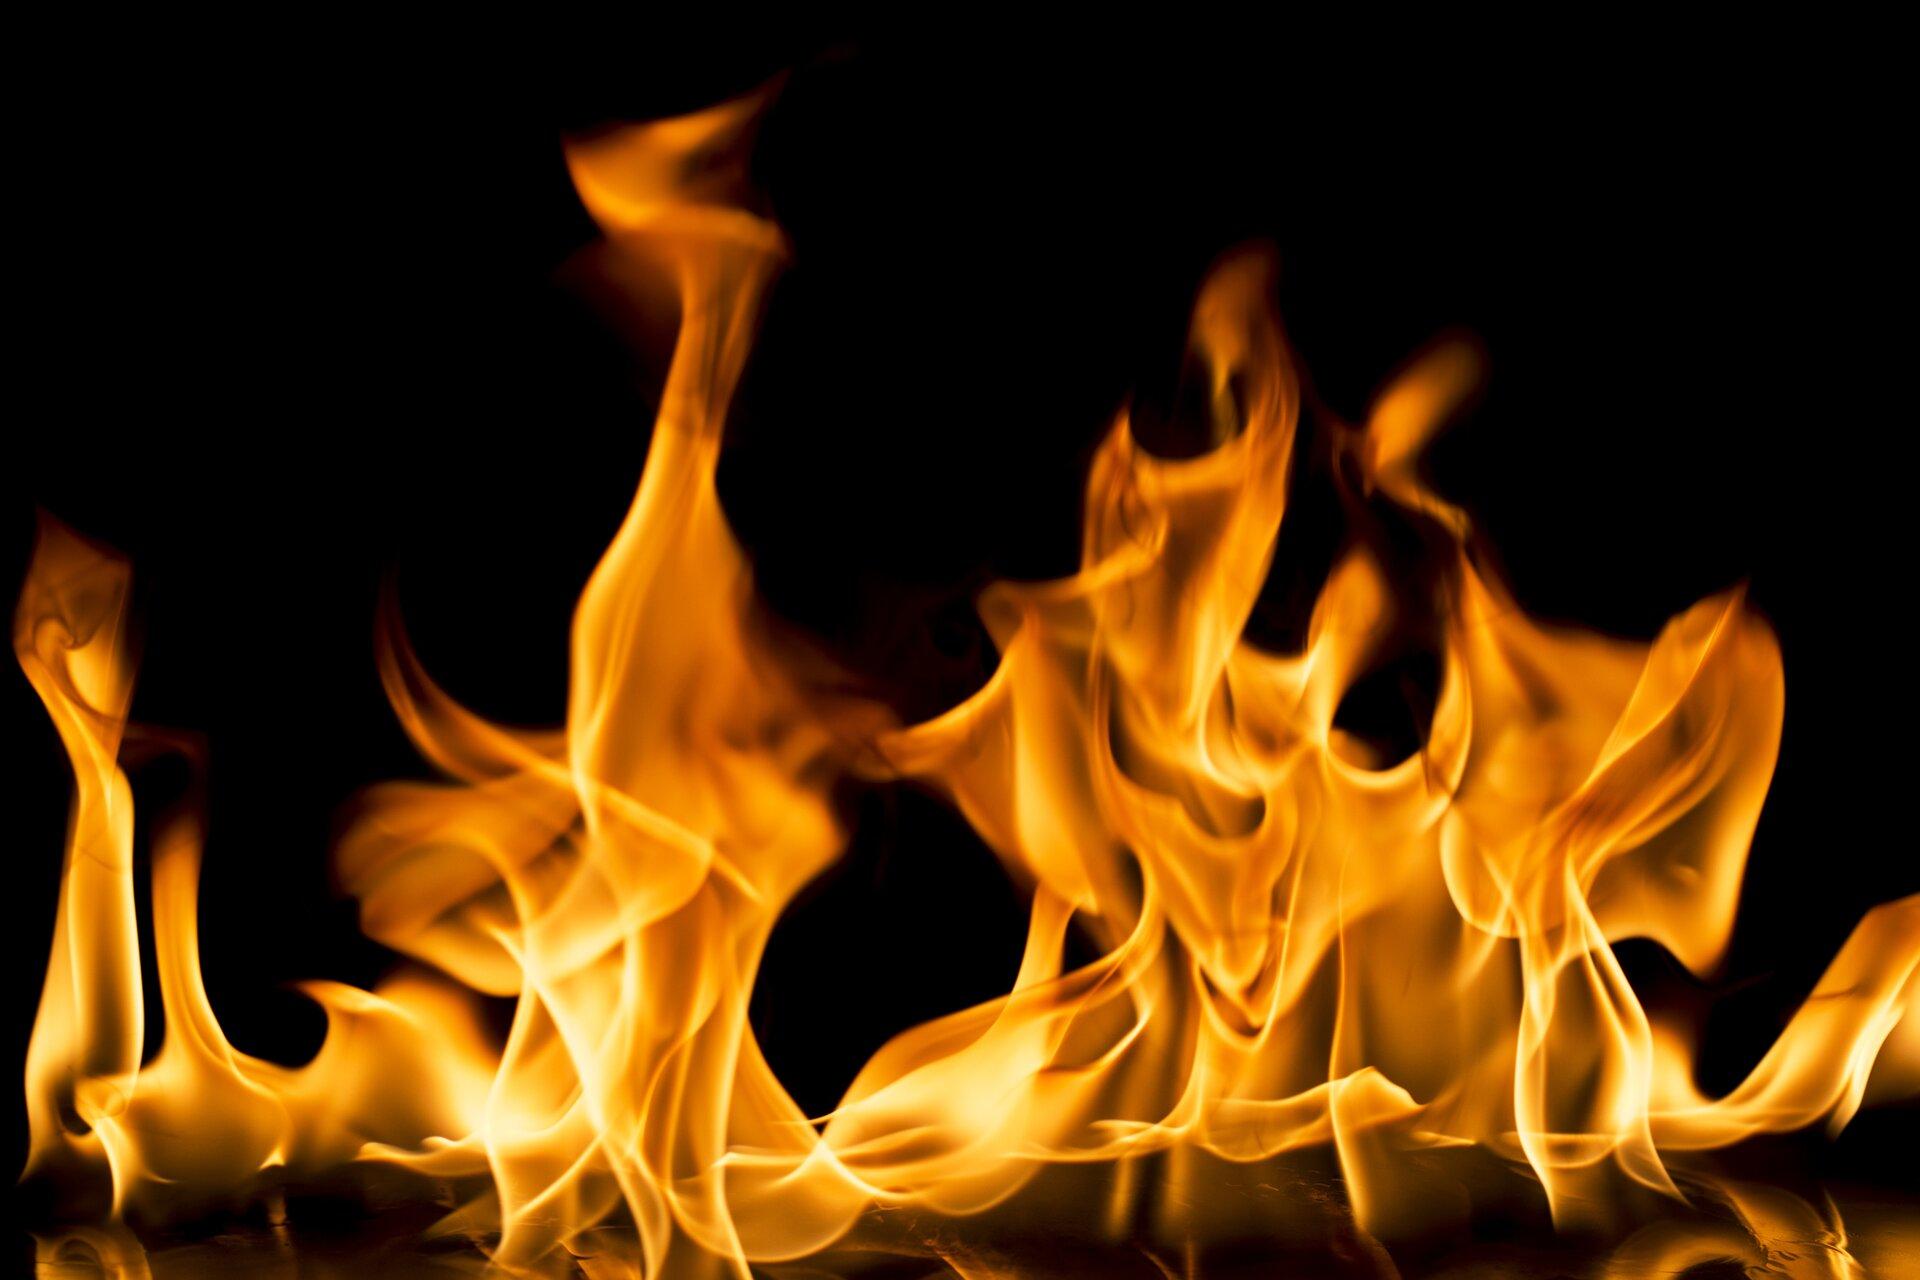 Ilustracja przedstawia ogień. Płomienie są wkolorze pomarańczowym oraz widzimy je na czarnym tle. Ogień jest jednym zfundamentalnych odkryć okresu prehistorii. Jest to zjawisko towarzyszące fizyczno-chemicznemu procesowi spalania.